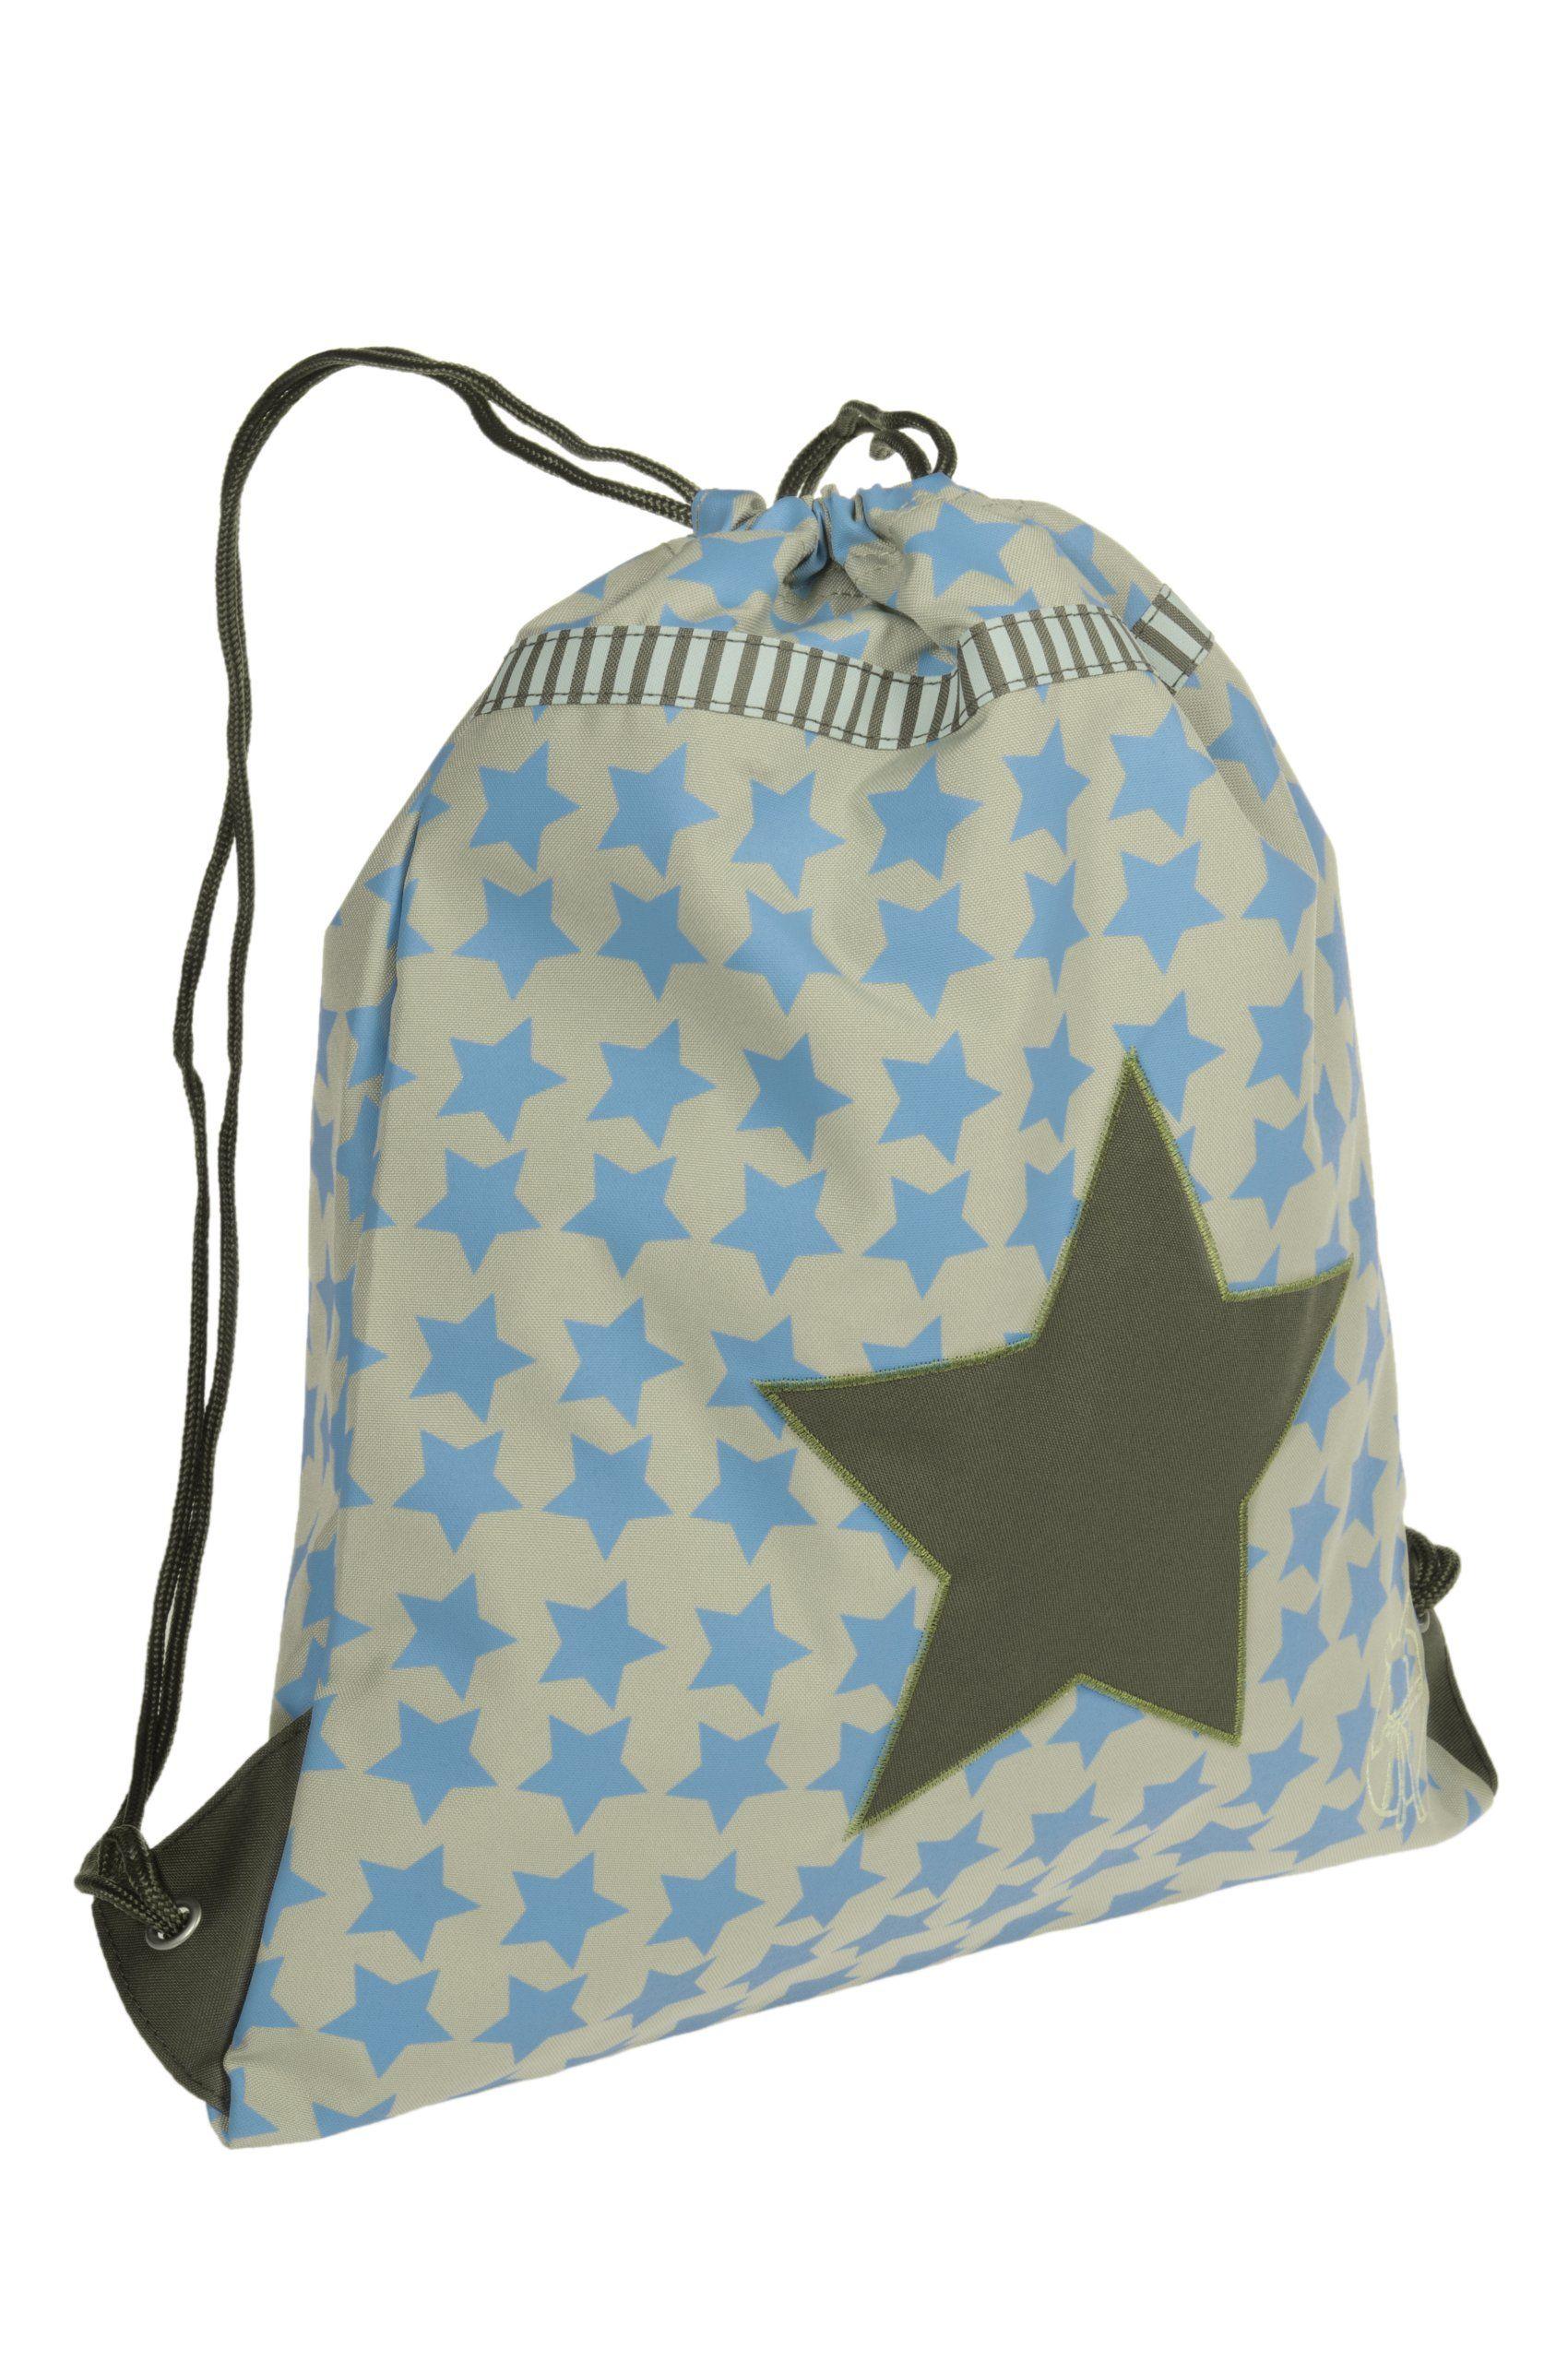 Lässig Turnbeutel Turnbeutel Mini String Bag Starlight, Oliv ...